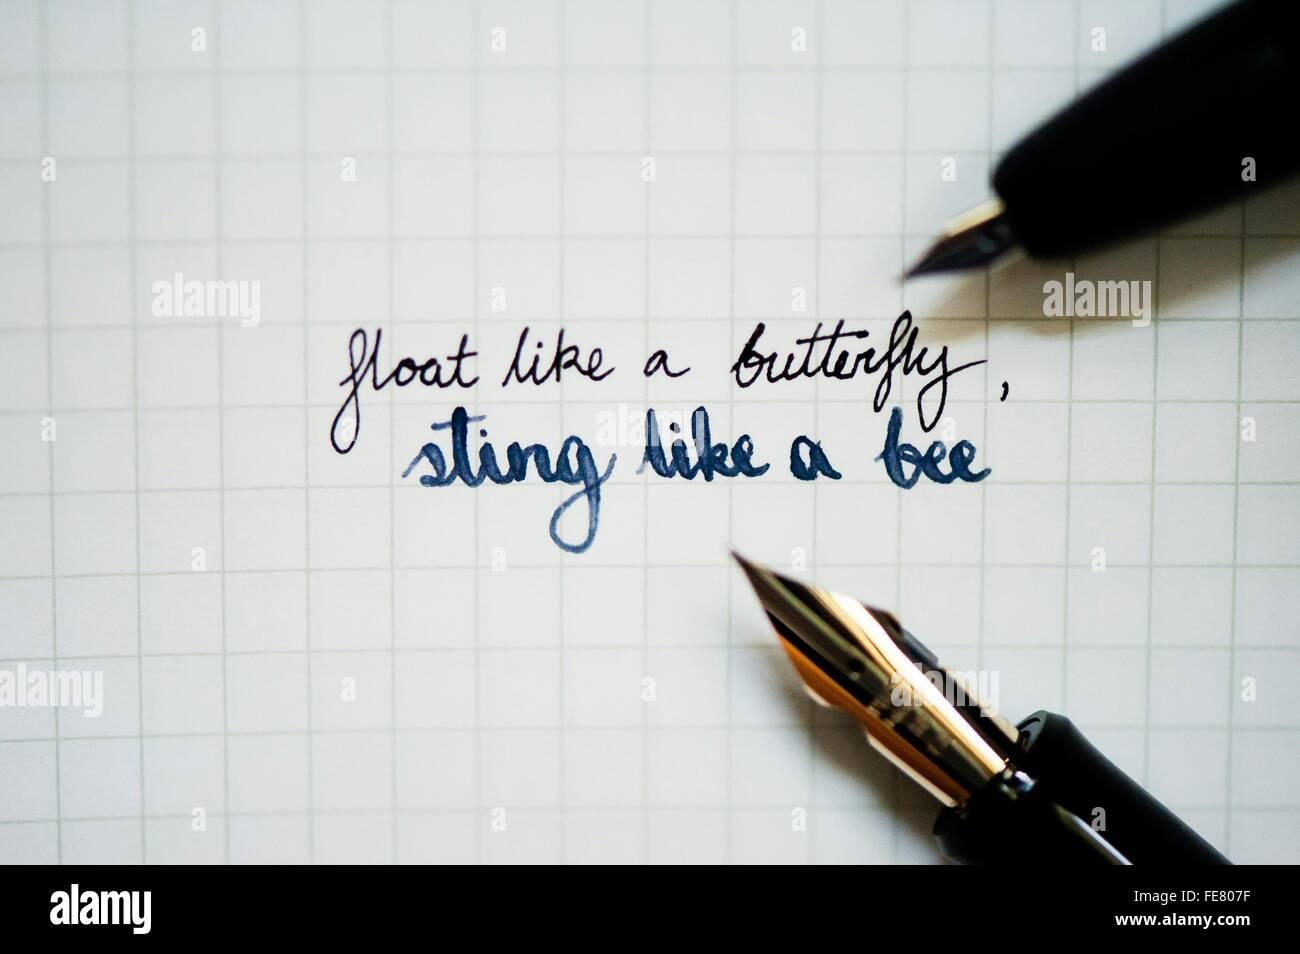 Paroles inspirantes sur du papier blanc avec stylo plume Photo Stock